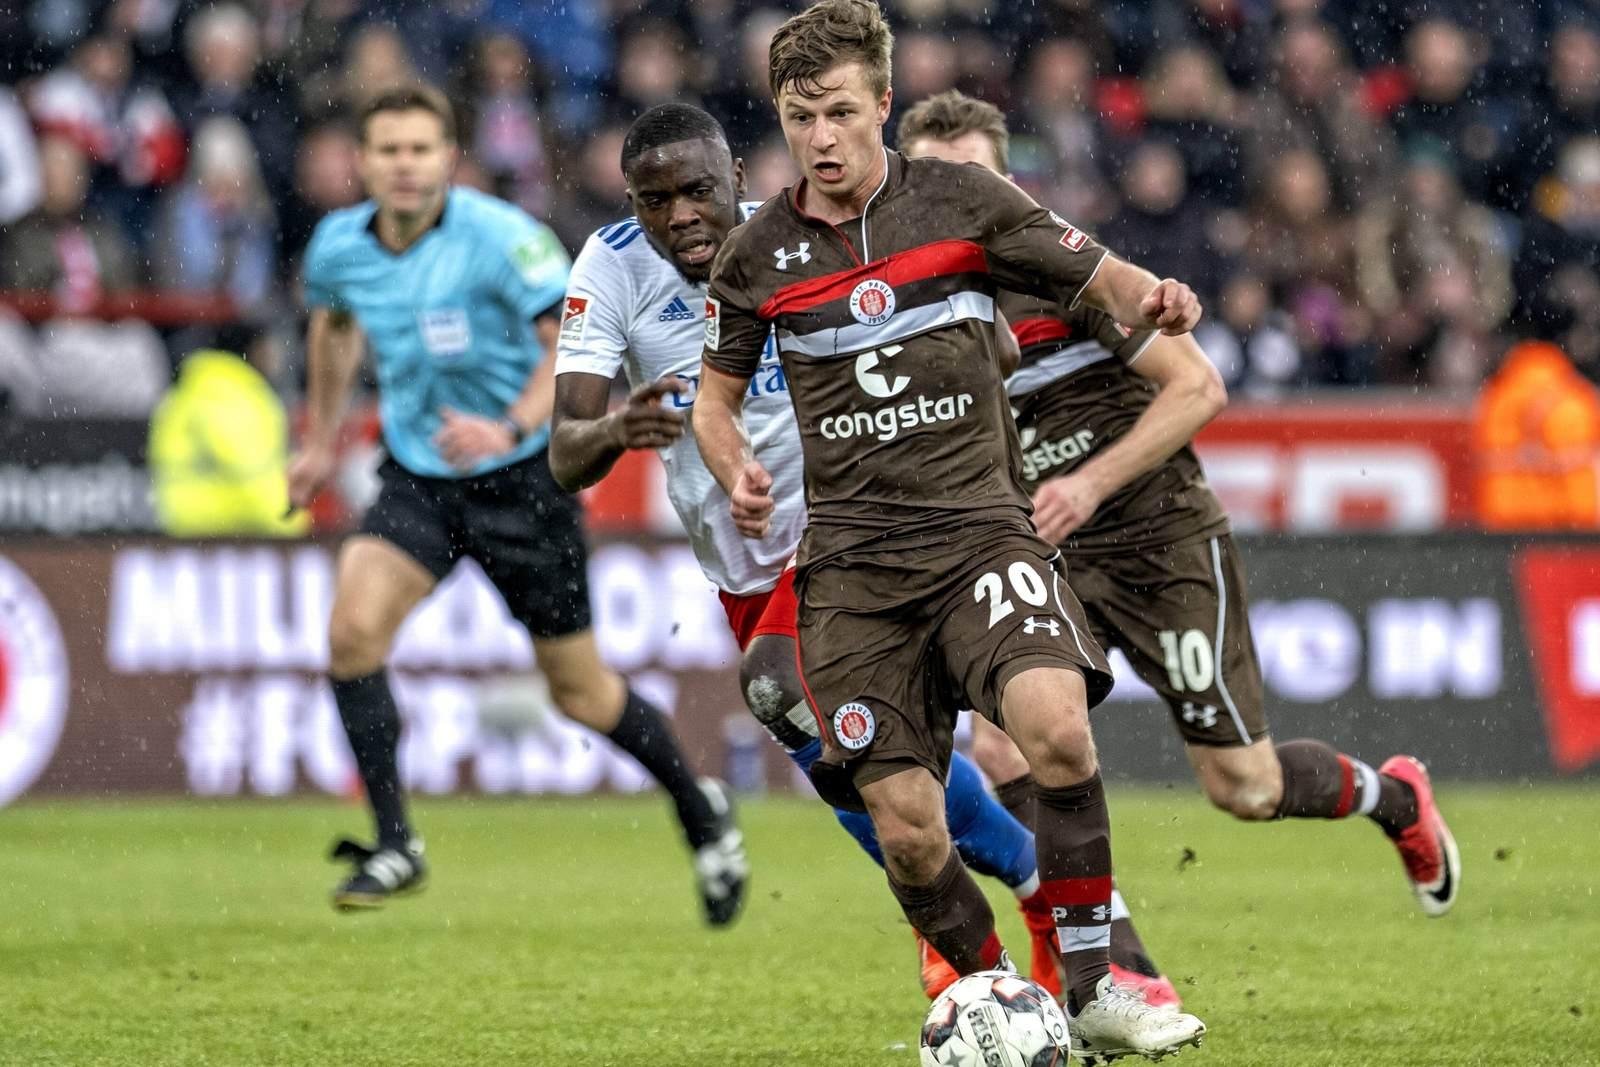 Richard Neudecker am Ball für den FC St. Pauli